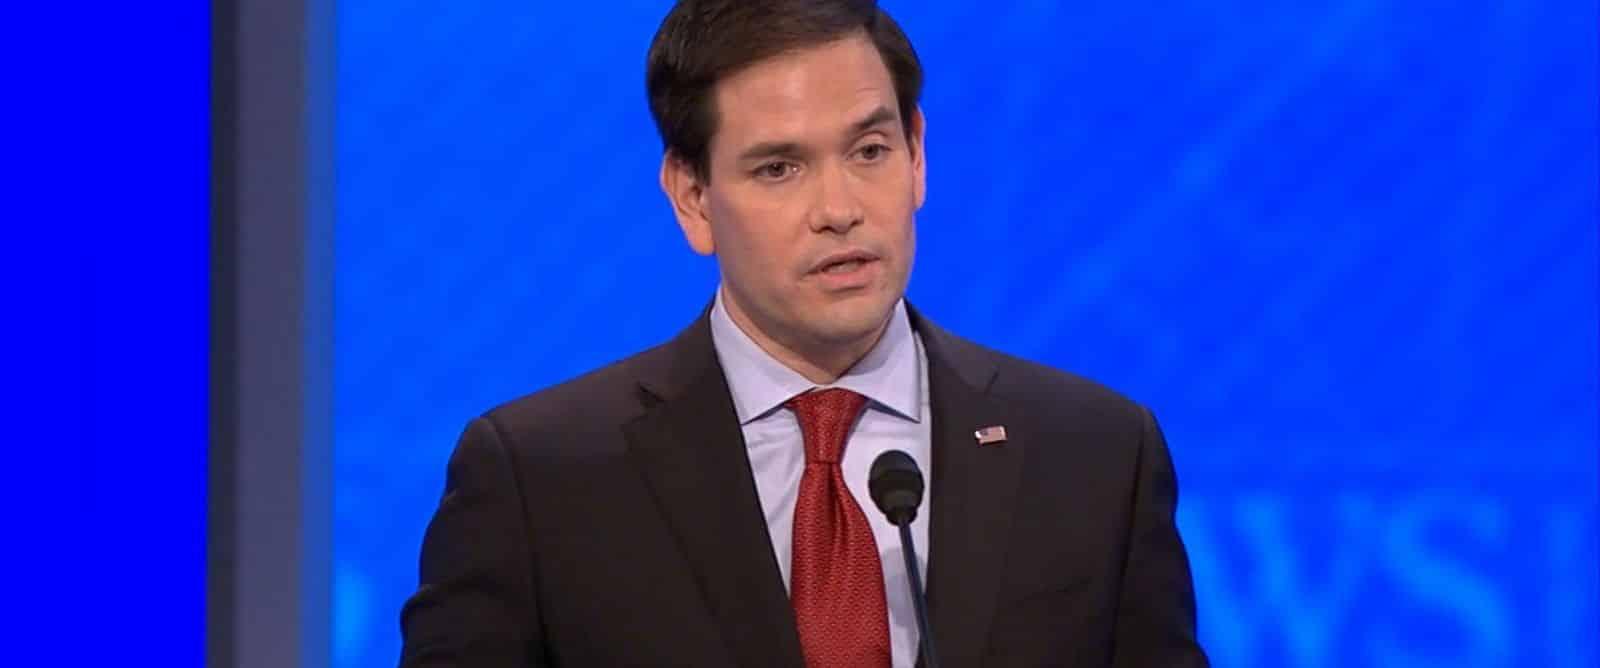 Marco Rubio répète 3 fois la même chose lors du débat du New Hampshire